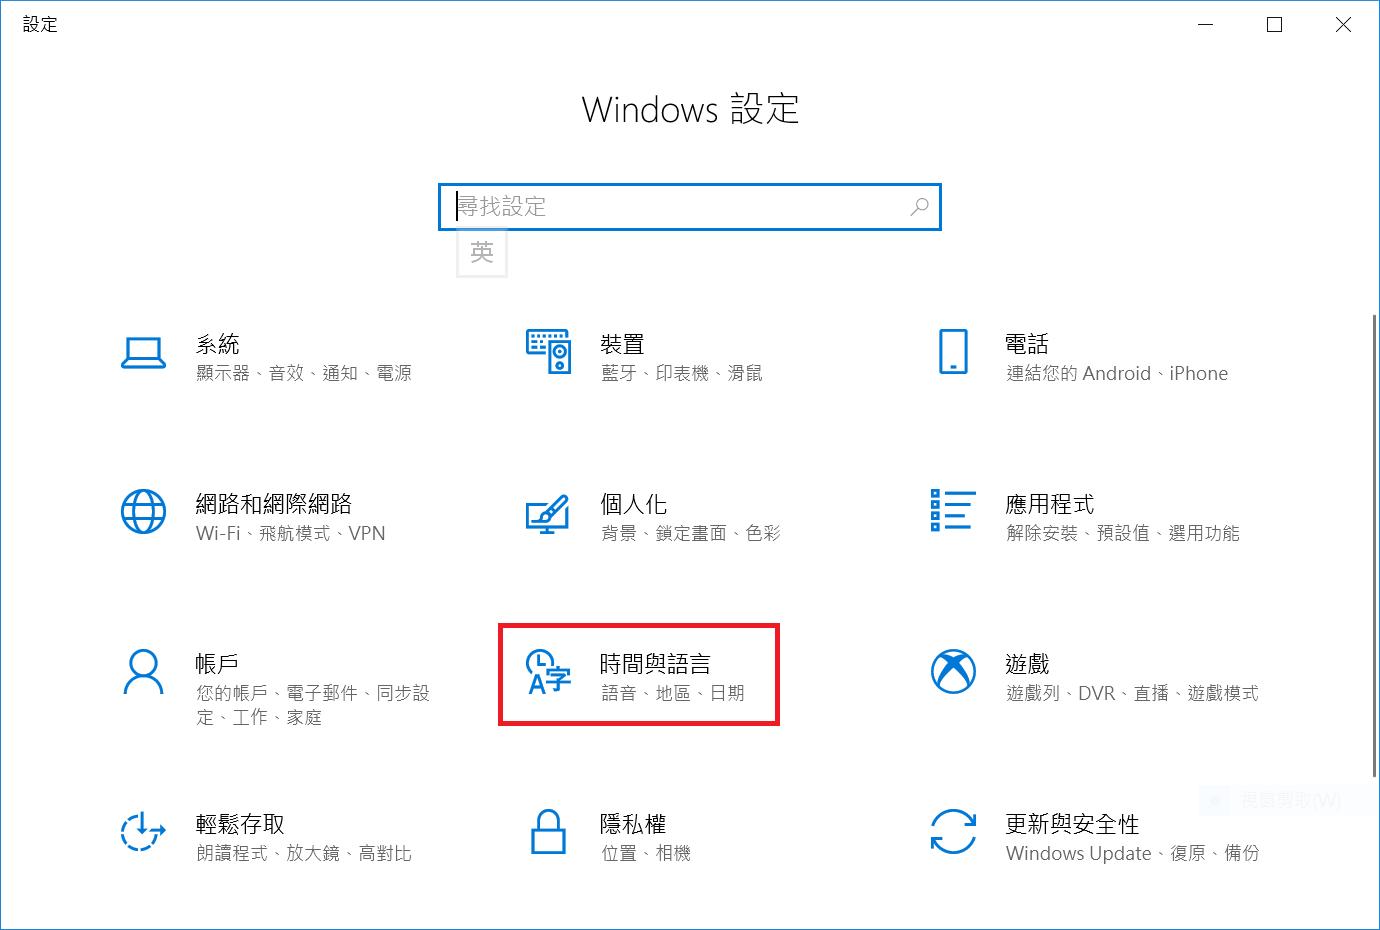 在 Windows 設定中選擇「時間和語言」